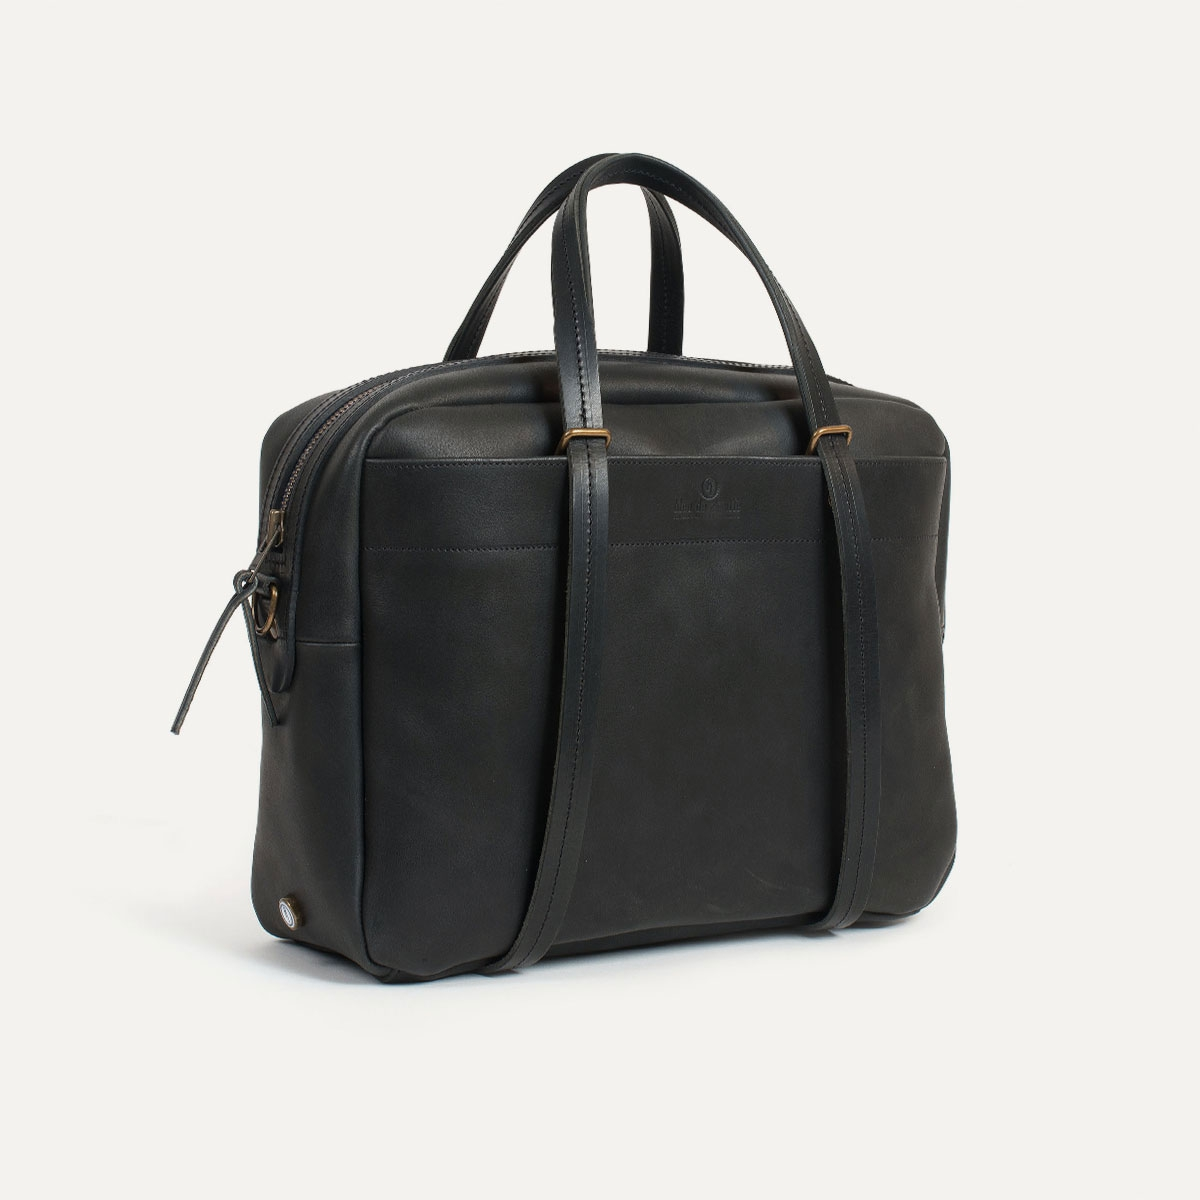 sac business homme toile et cuir fabriqu en france bleu de chauffe. Black Bedroom Furniture Sets. Home Design Ideas